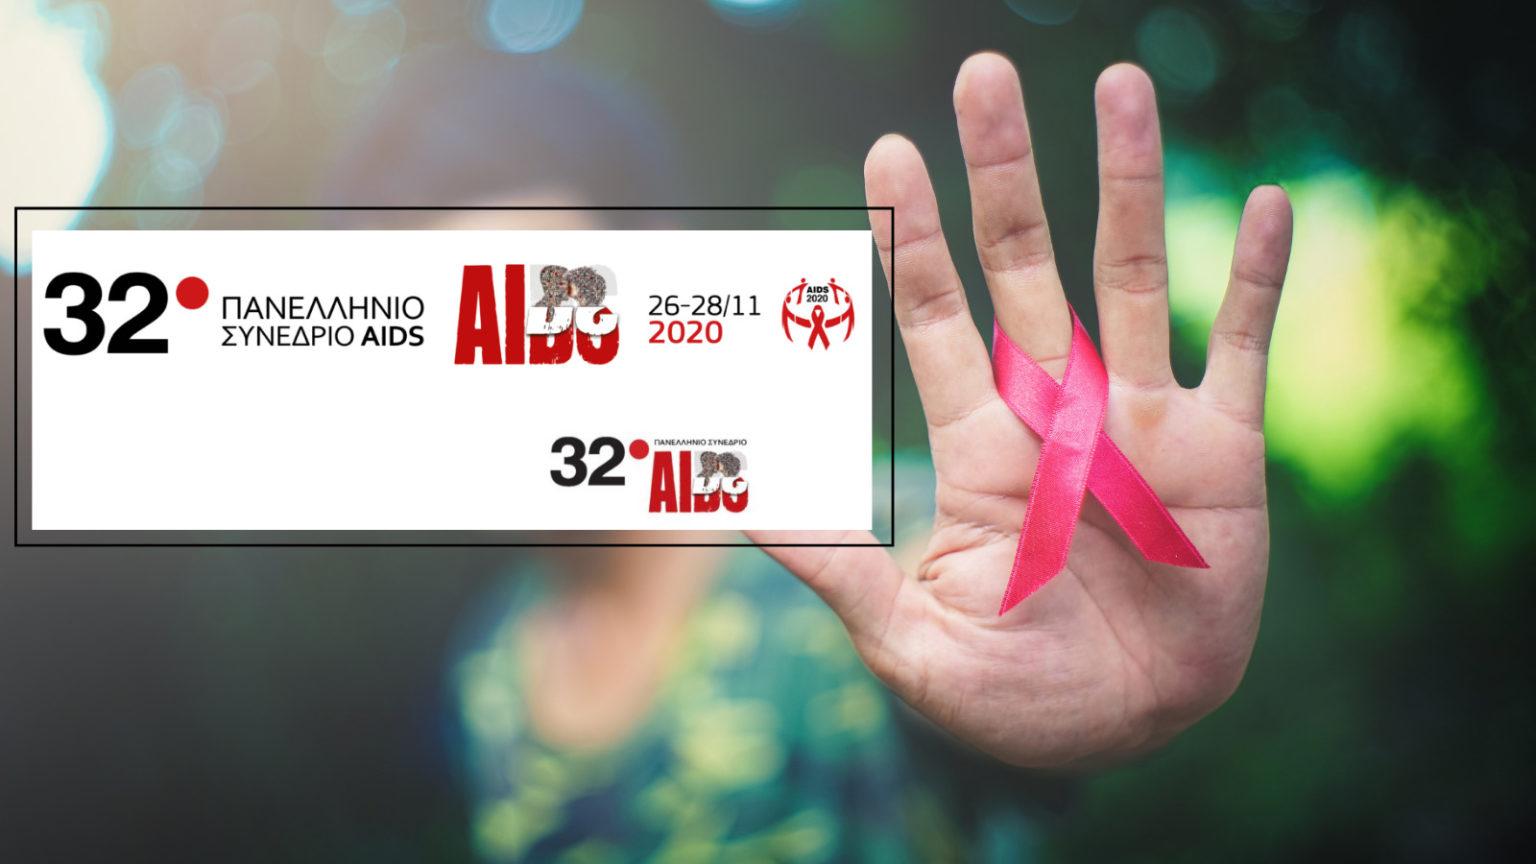 Η Θετική Φωνή συμμετέχει στο 32o Πανελλήνιο Συνέδριο AIDS